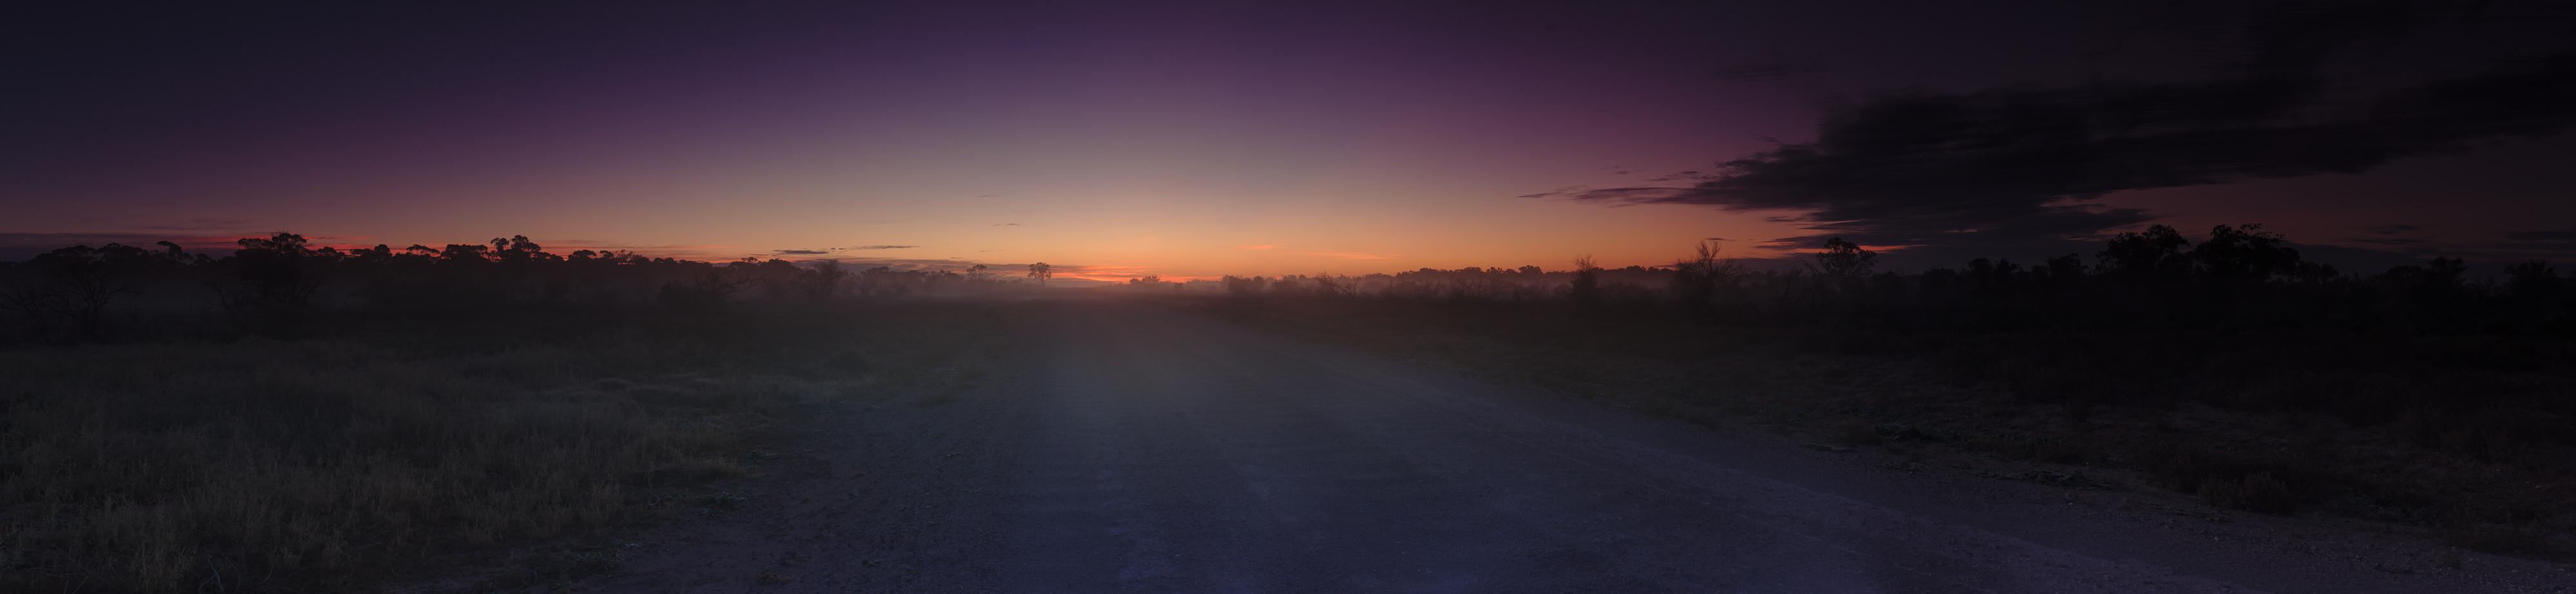 Foggy track, Nyngan